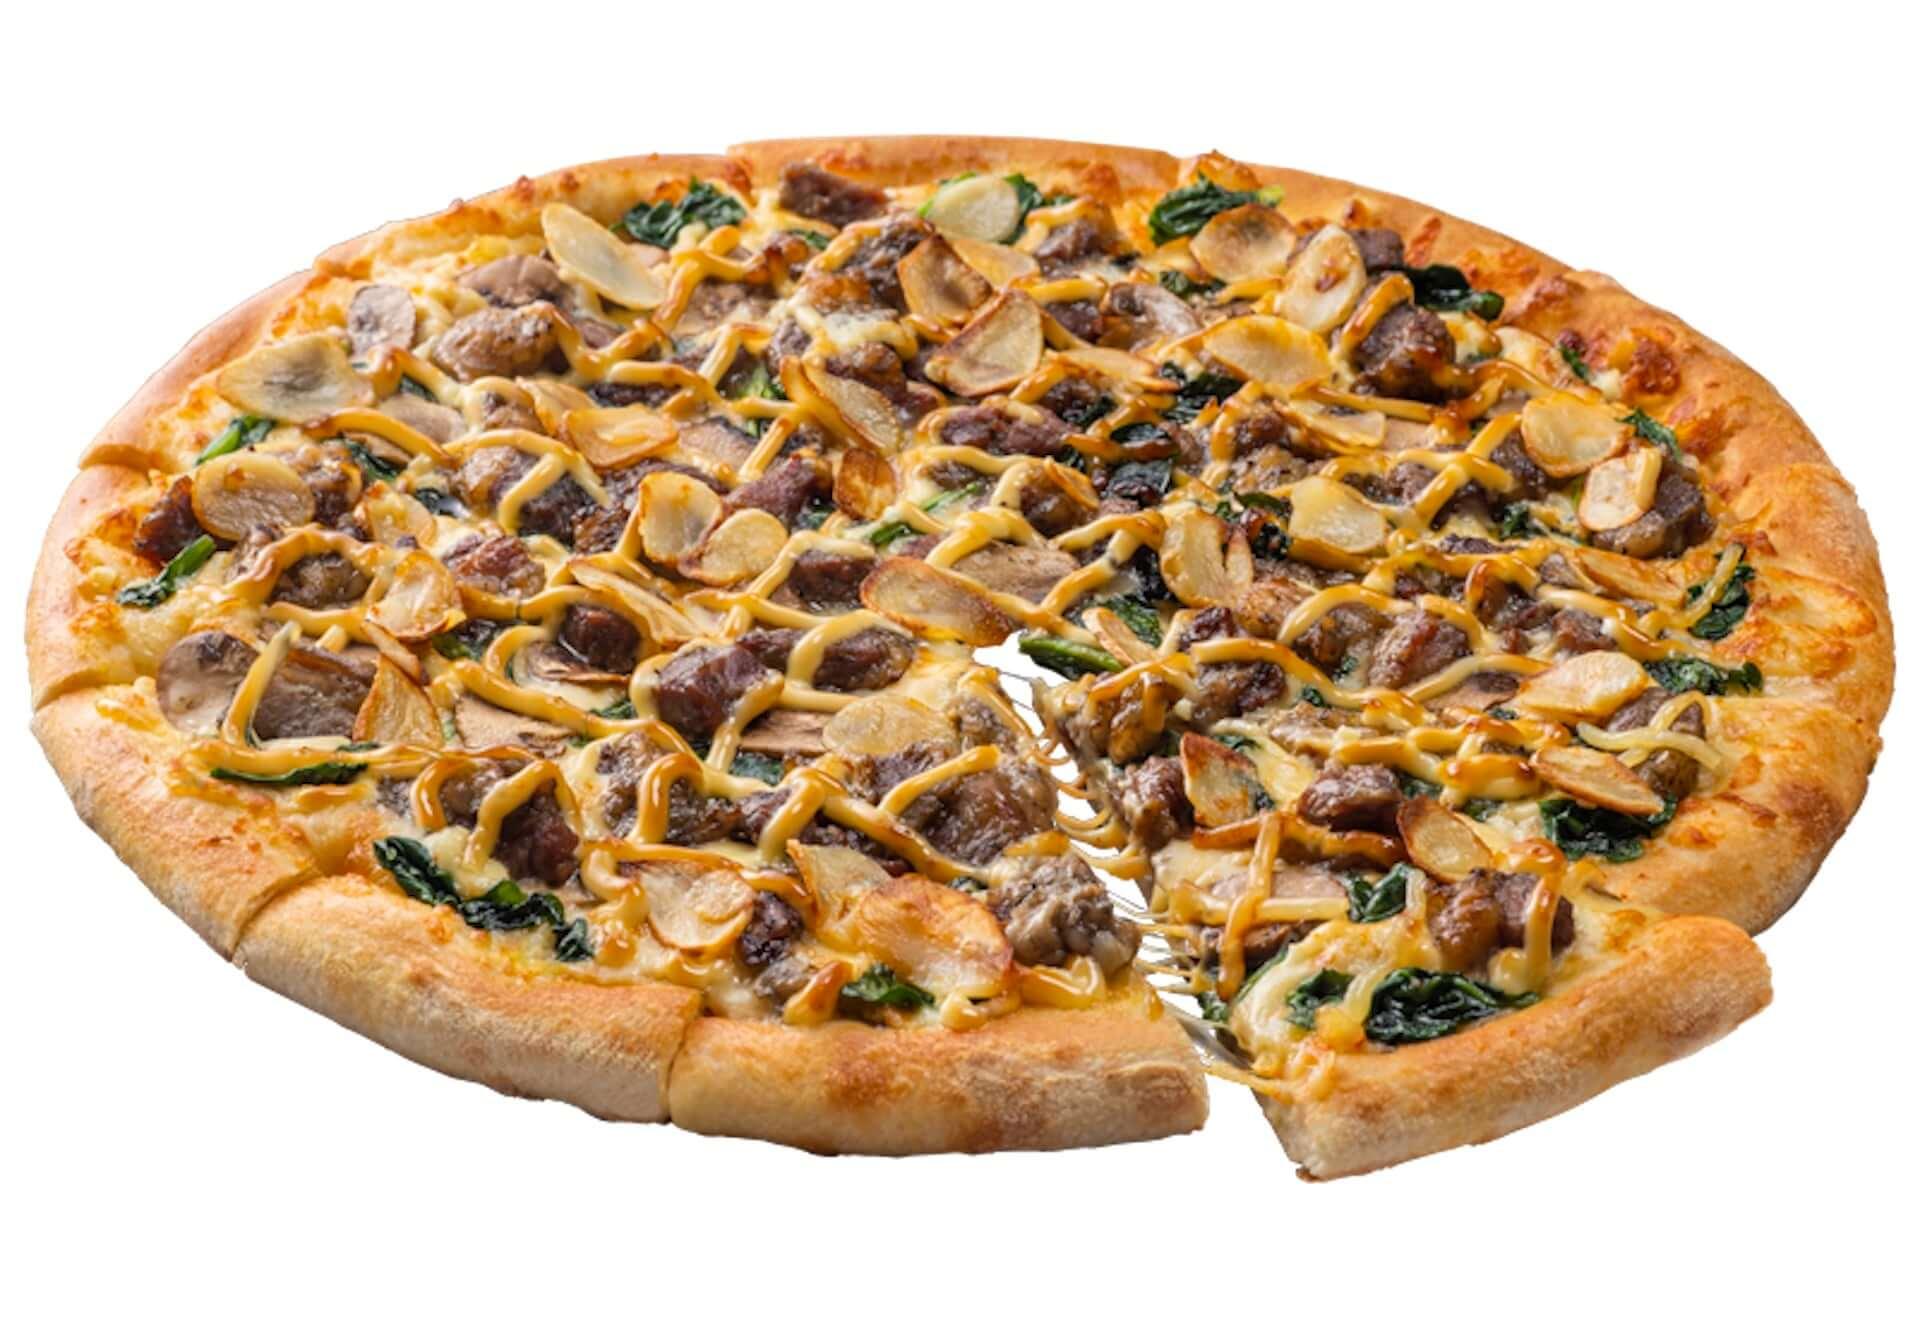 ピザの常識を覆す!?ドミノ・ピザの「裏ドミノ」シリーズ第2弾が期間限定で発売 『3kgポテト』『欲望の塊クワトロ』も登場 gourmet200713_dominos_pizza_2-1920x1320